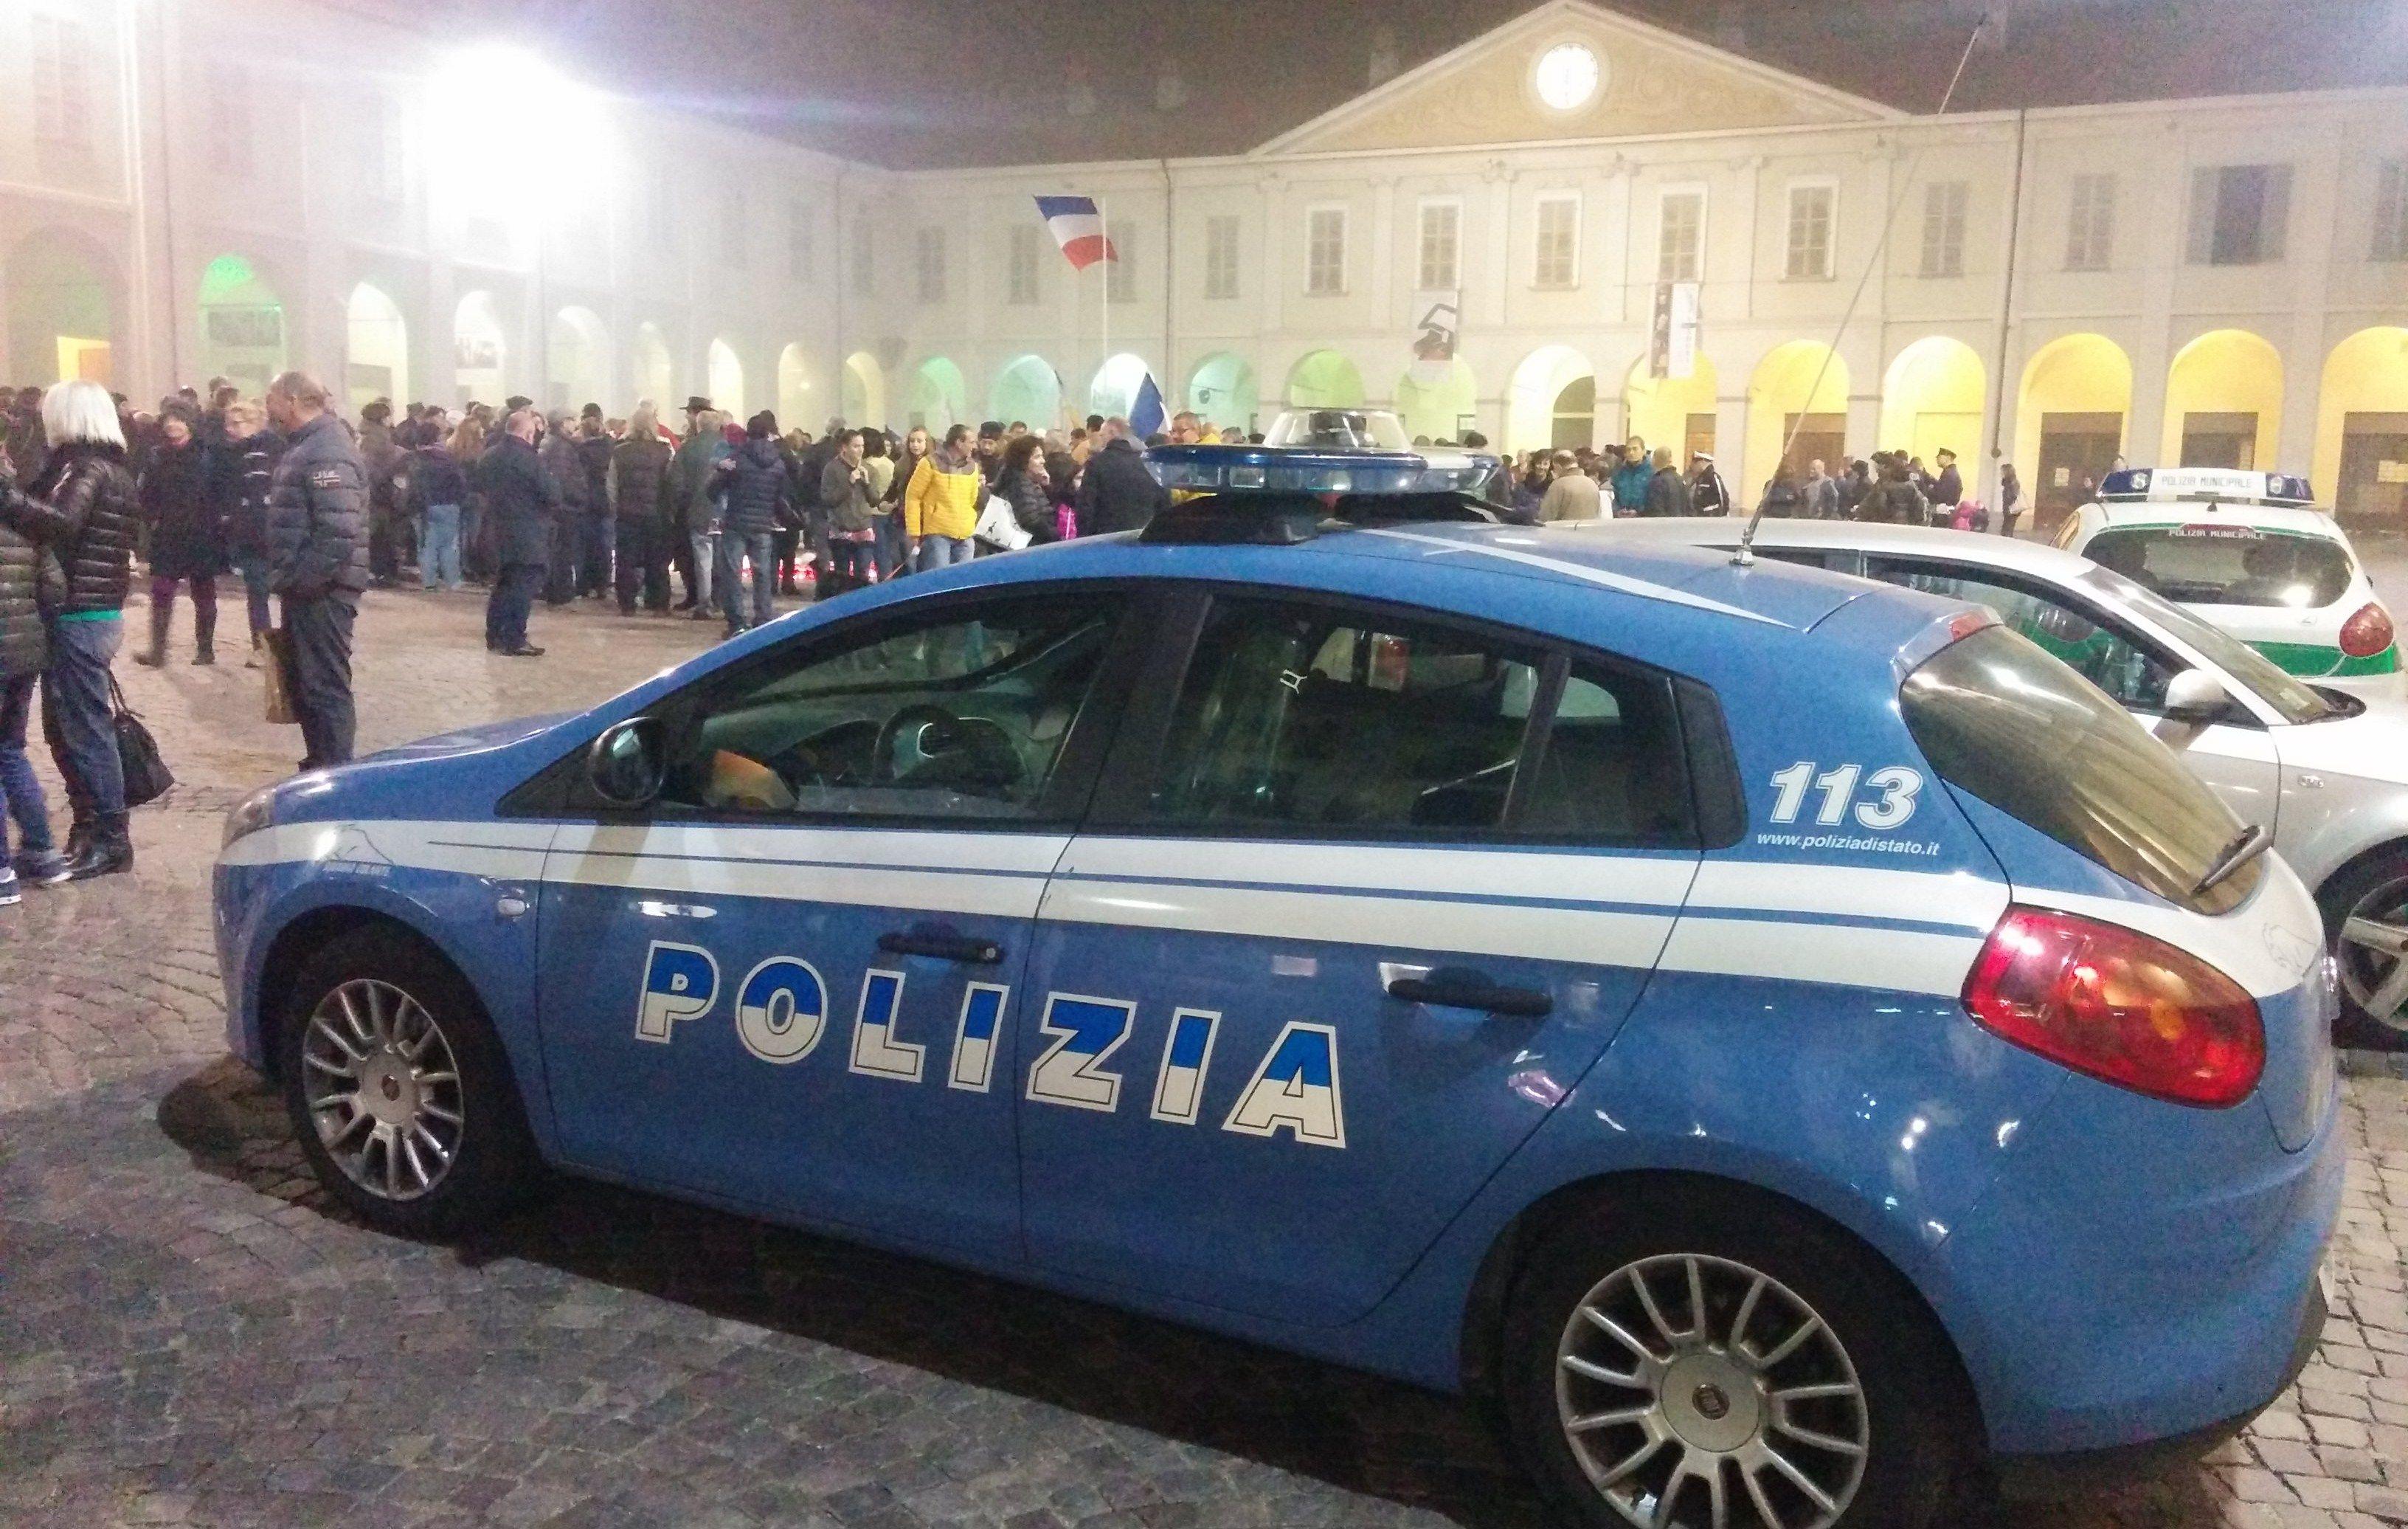 IVREA - Modificano una pistola: due eporediesi arrestati dalla polizia